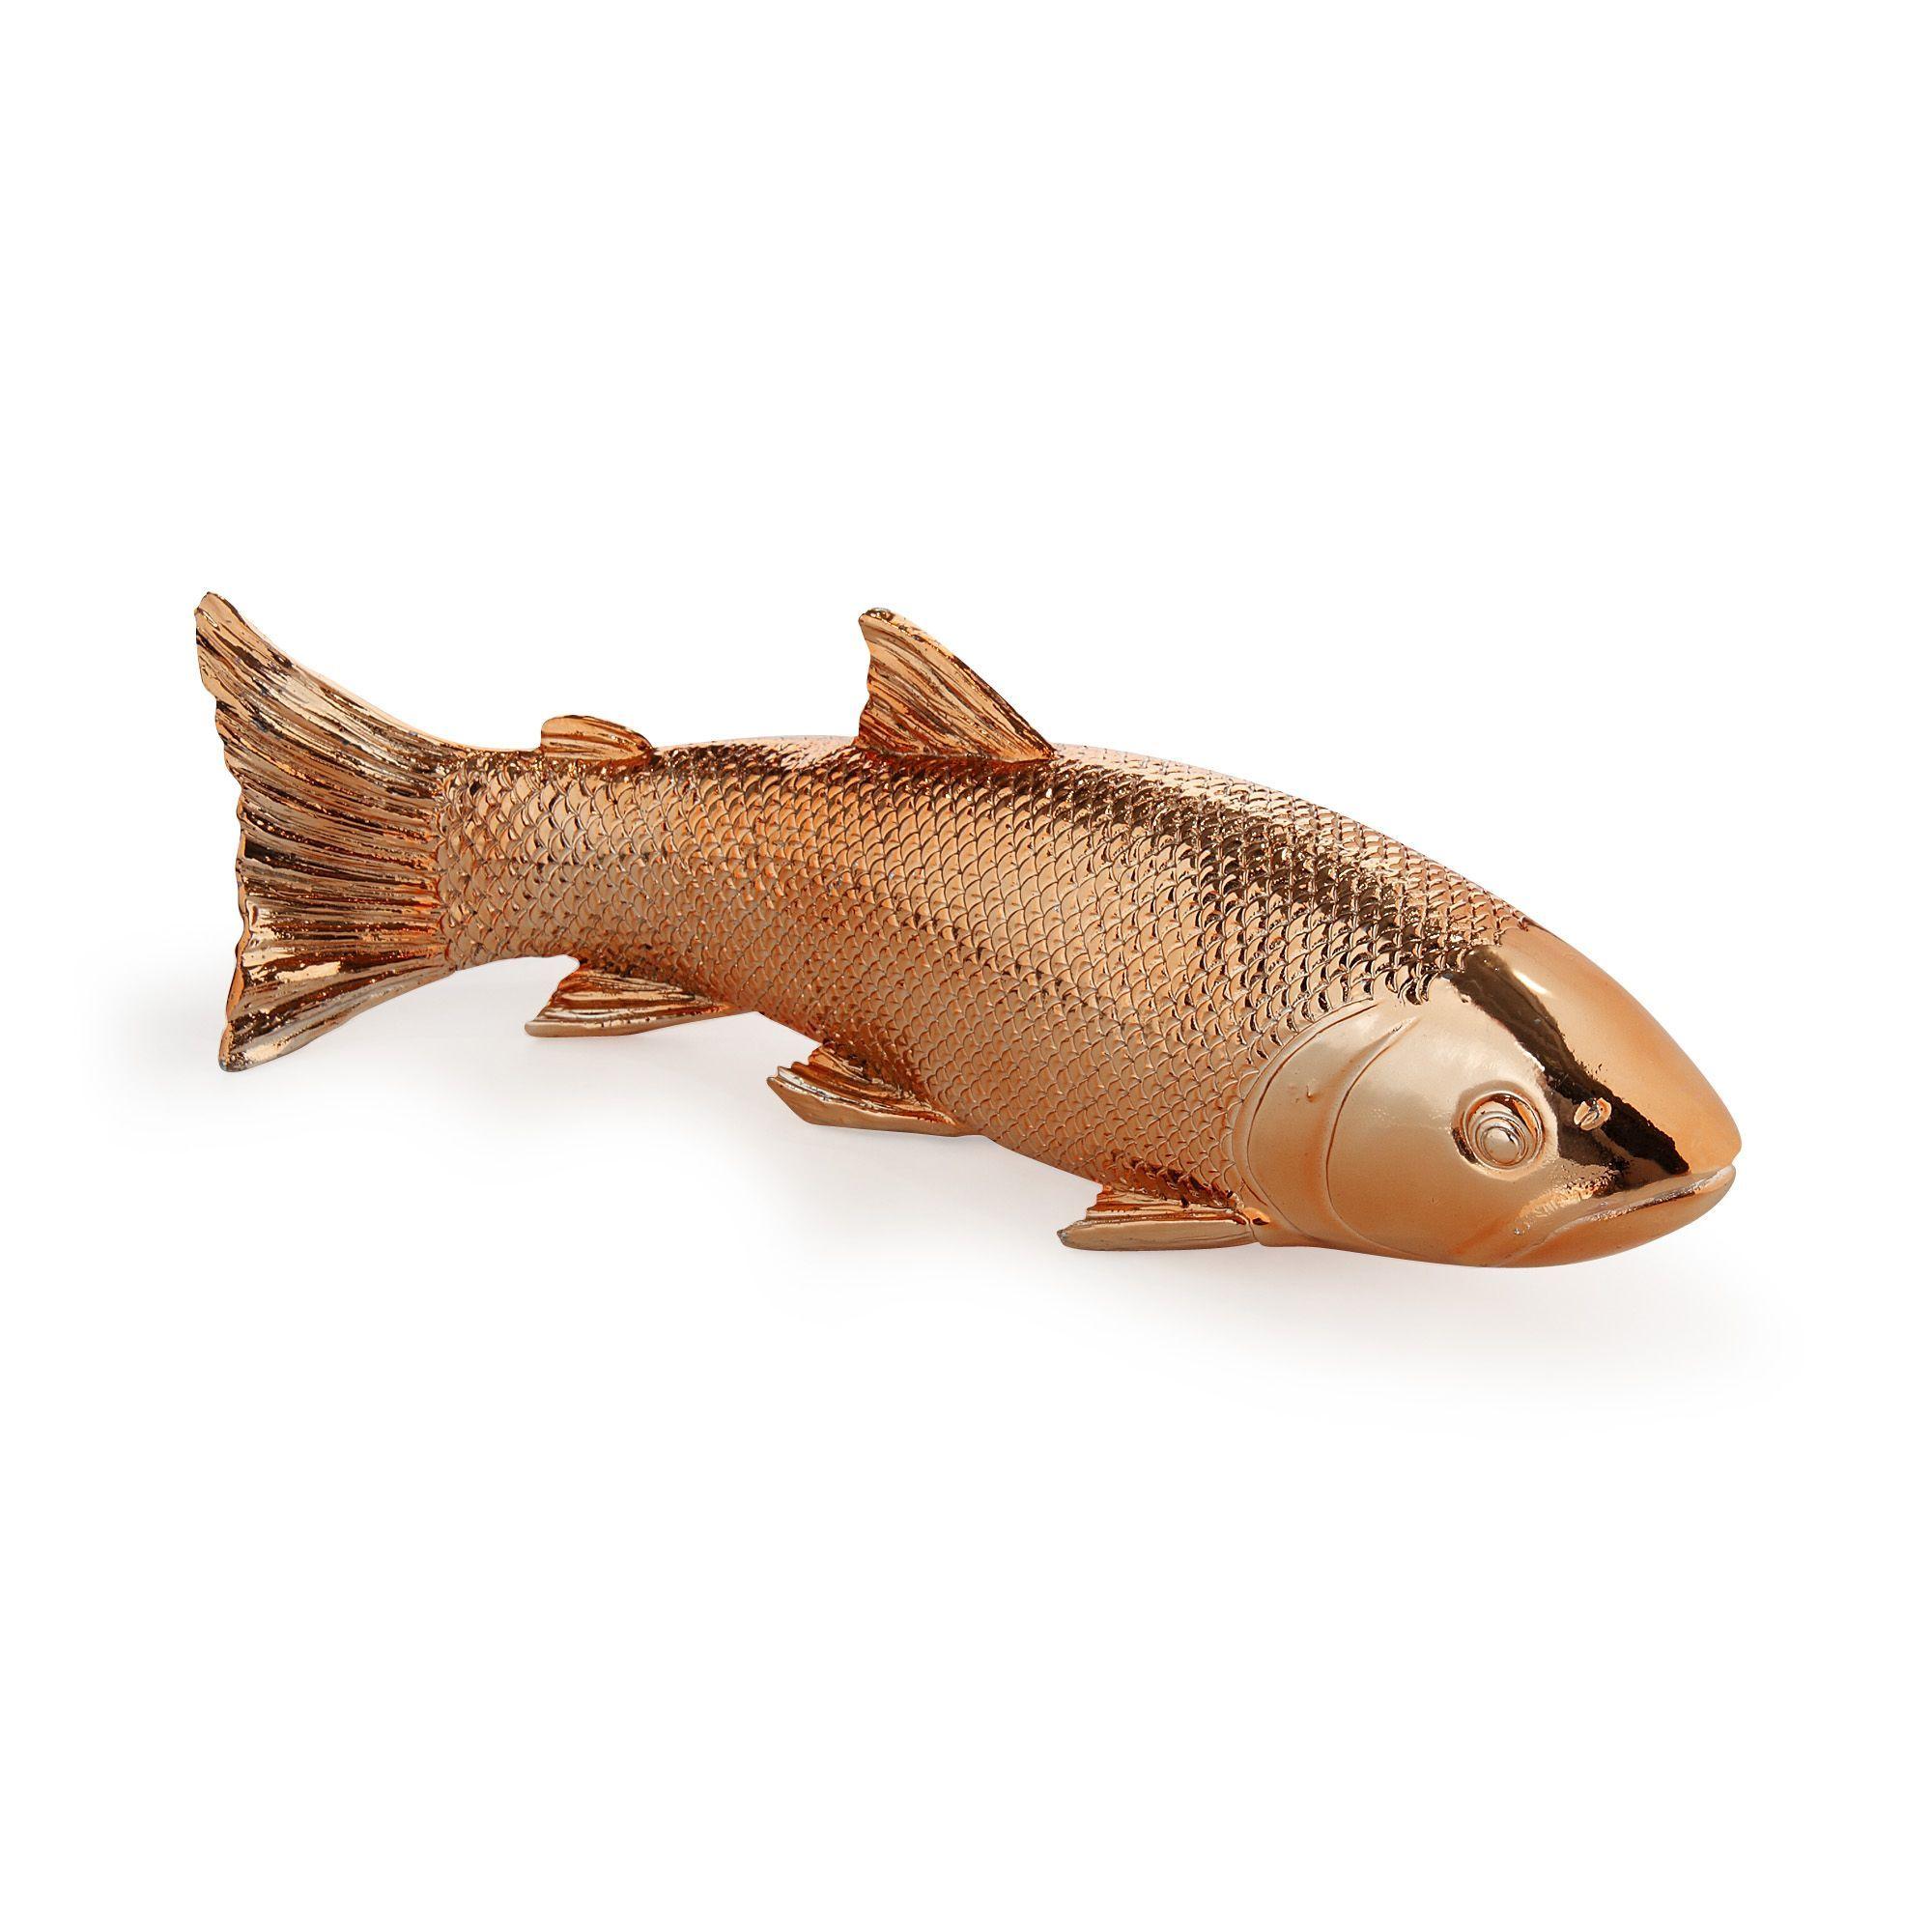 Objet Deco Poisson Coloris Cuivre 28cm Cuivre Fish La Decoration Murale Affiches Et Deco Murale Toute La Deco Deco Murale Salon Objet Deco Decoration